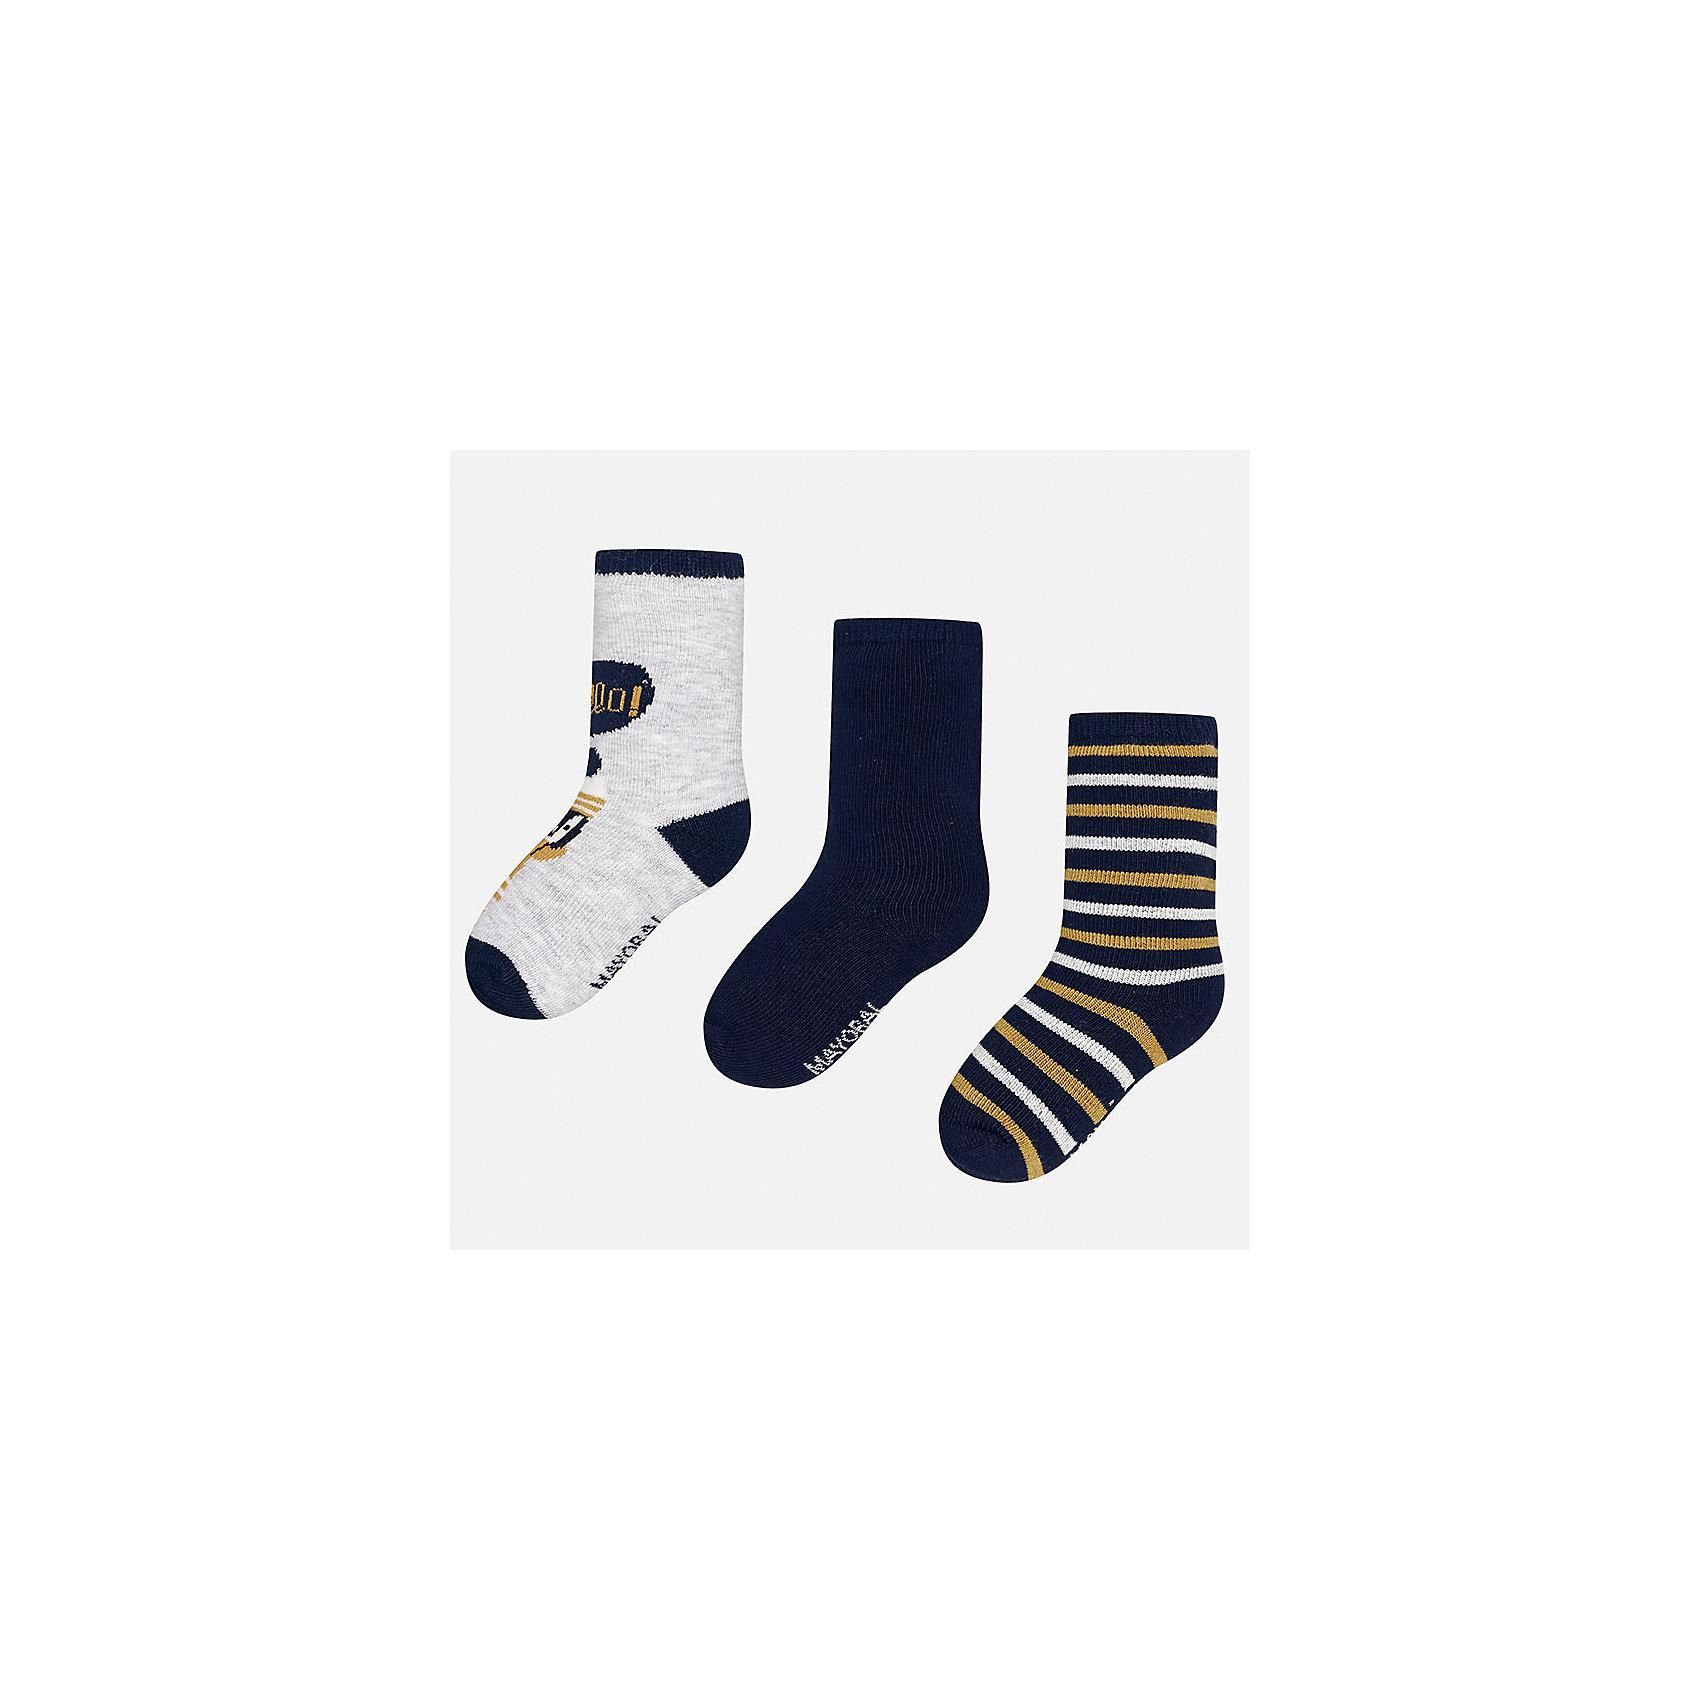 Носки (3 пары) для мальчика MayoralНоски<br>Характеристики товара:<br><br>• цвет: серый/синий/разноцветный<br>• состав ткани: 70% хлопок, 27% полиамид, 3% эластан<br>• сезон: круглый год<br>• комплектация: 3 пары<br>• страна бренда: Испания<br>• страна изготовитель: Индия<br><br>Для производства детской одежды, в том числе и носков для детей, популярный бренд Mayoral используют только качественную фурнитуру и материалы. Оригинальные и модные вещи от Майорал неизменно привлекают внимание и нравятся детям. Детские носки от популярного испанского бренда Mayoral состоят преимущественно из натурального дышащего хлопка. Носки для детей комфортно сидят благодаря мягкой резинке. <br><br>Носки (3 пары) для мальчика Mayoral (Майорал) можно купить в нашем интернет-магазине.<br><br>Ширина мм: 87<br>Глубина мм: 10<br>Высота мм: 105<br>Вес г: 115<br>Цвет: разноцветный<br>Возраст от месяцев: 18<br>Возраст до месяцев: 24<br>Пол: Мужской<br>Возраст: Детский<br>Размер: 22-24,19-22<br>SKU: 6939058